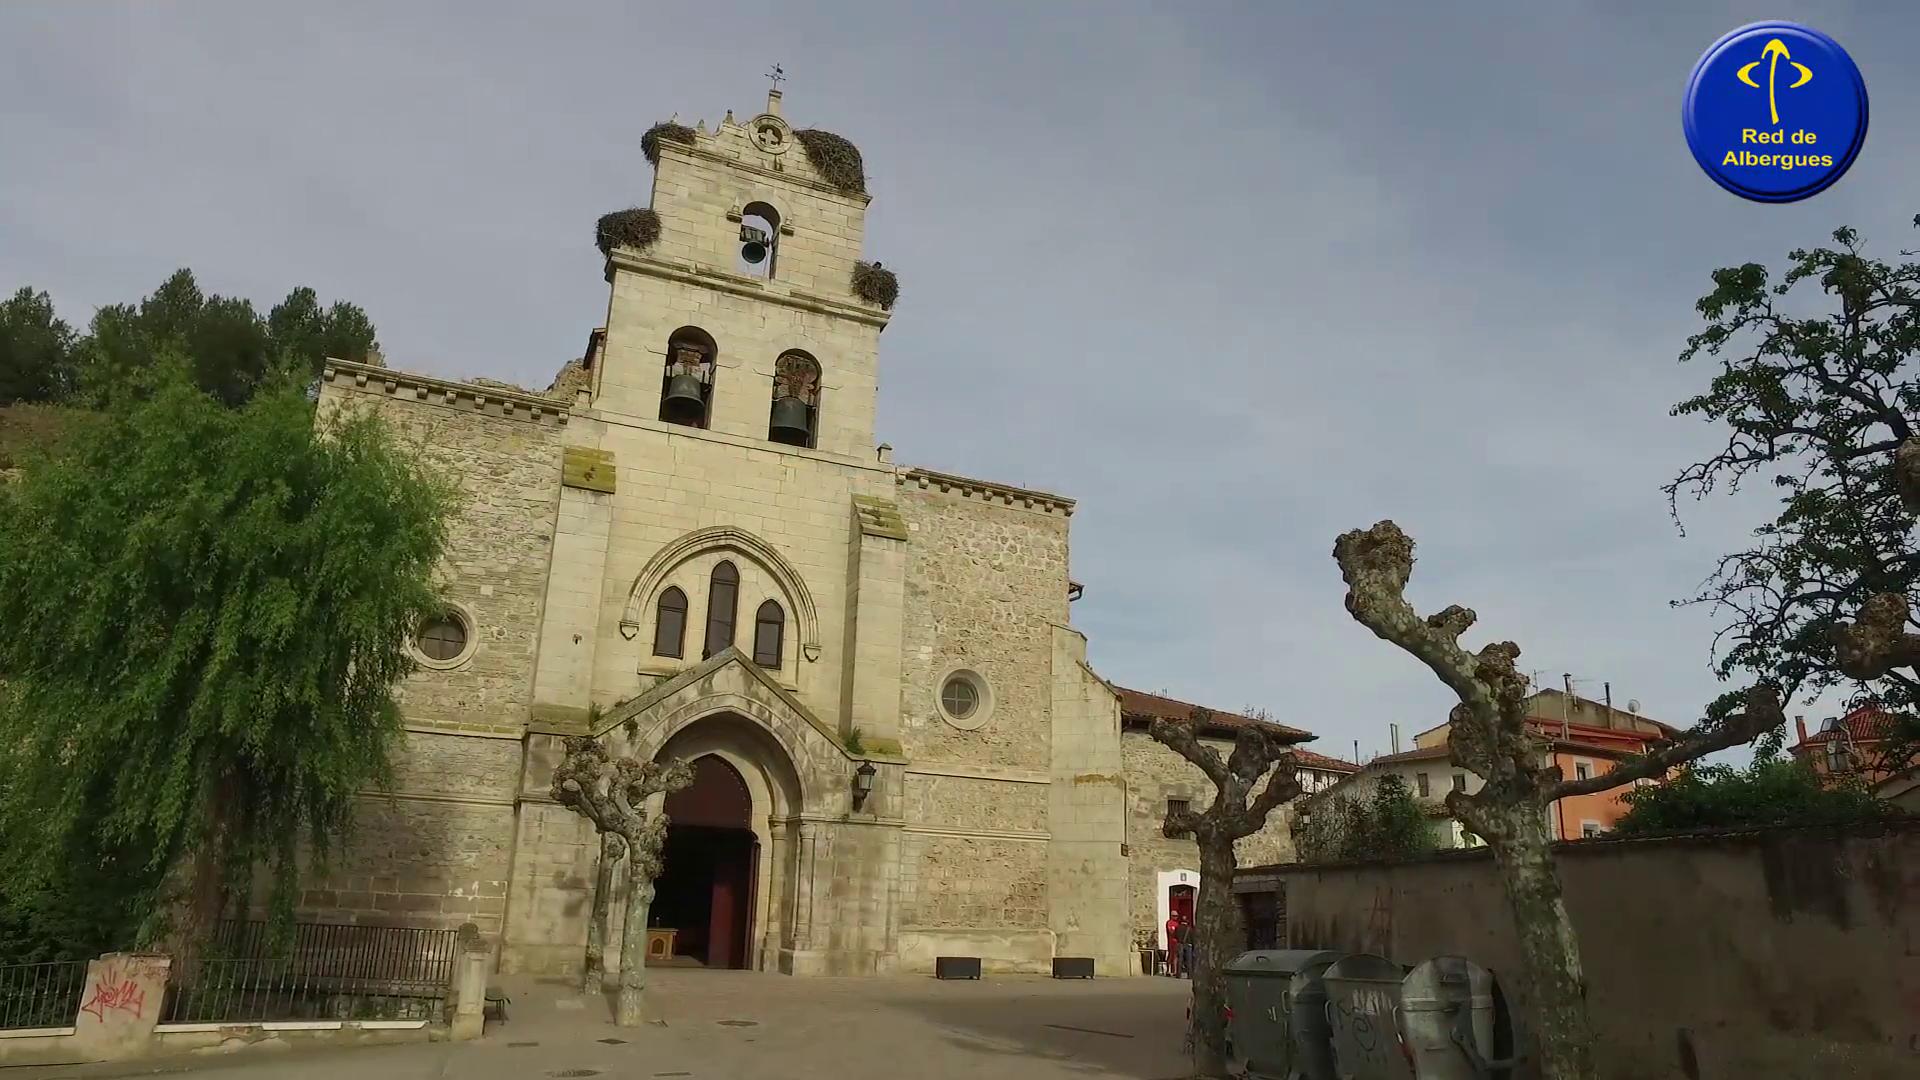 Red de Albergues Corto promocional de Burgos